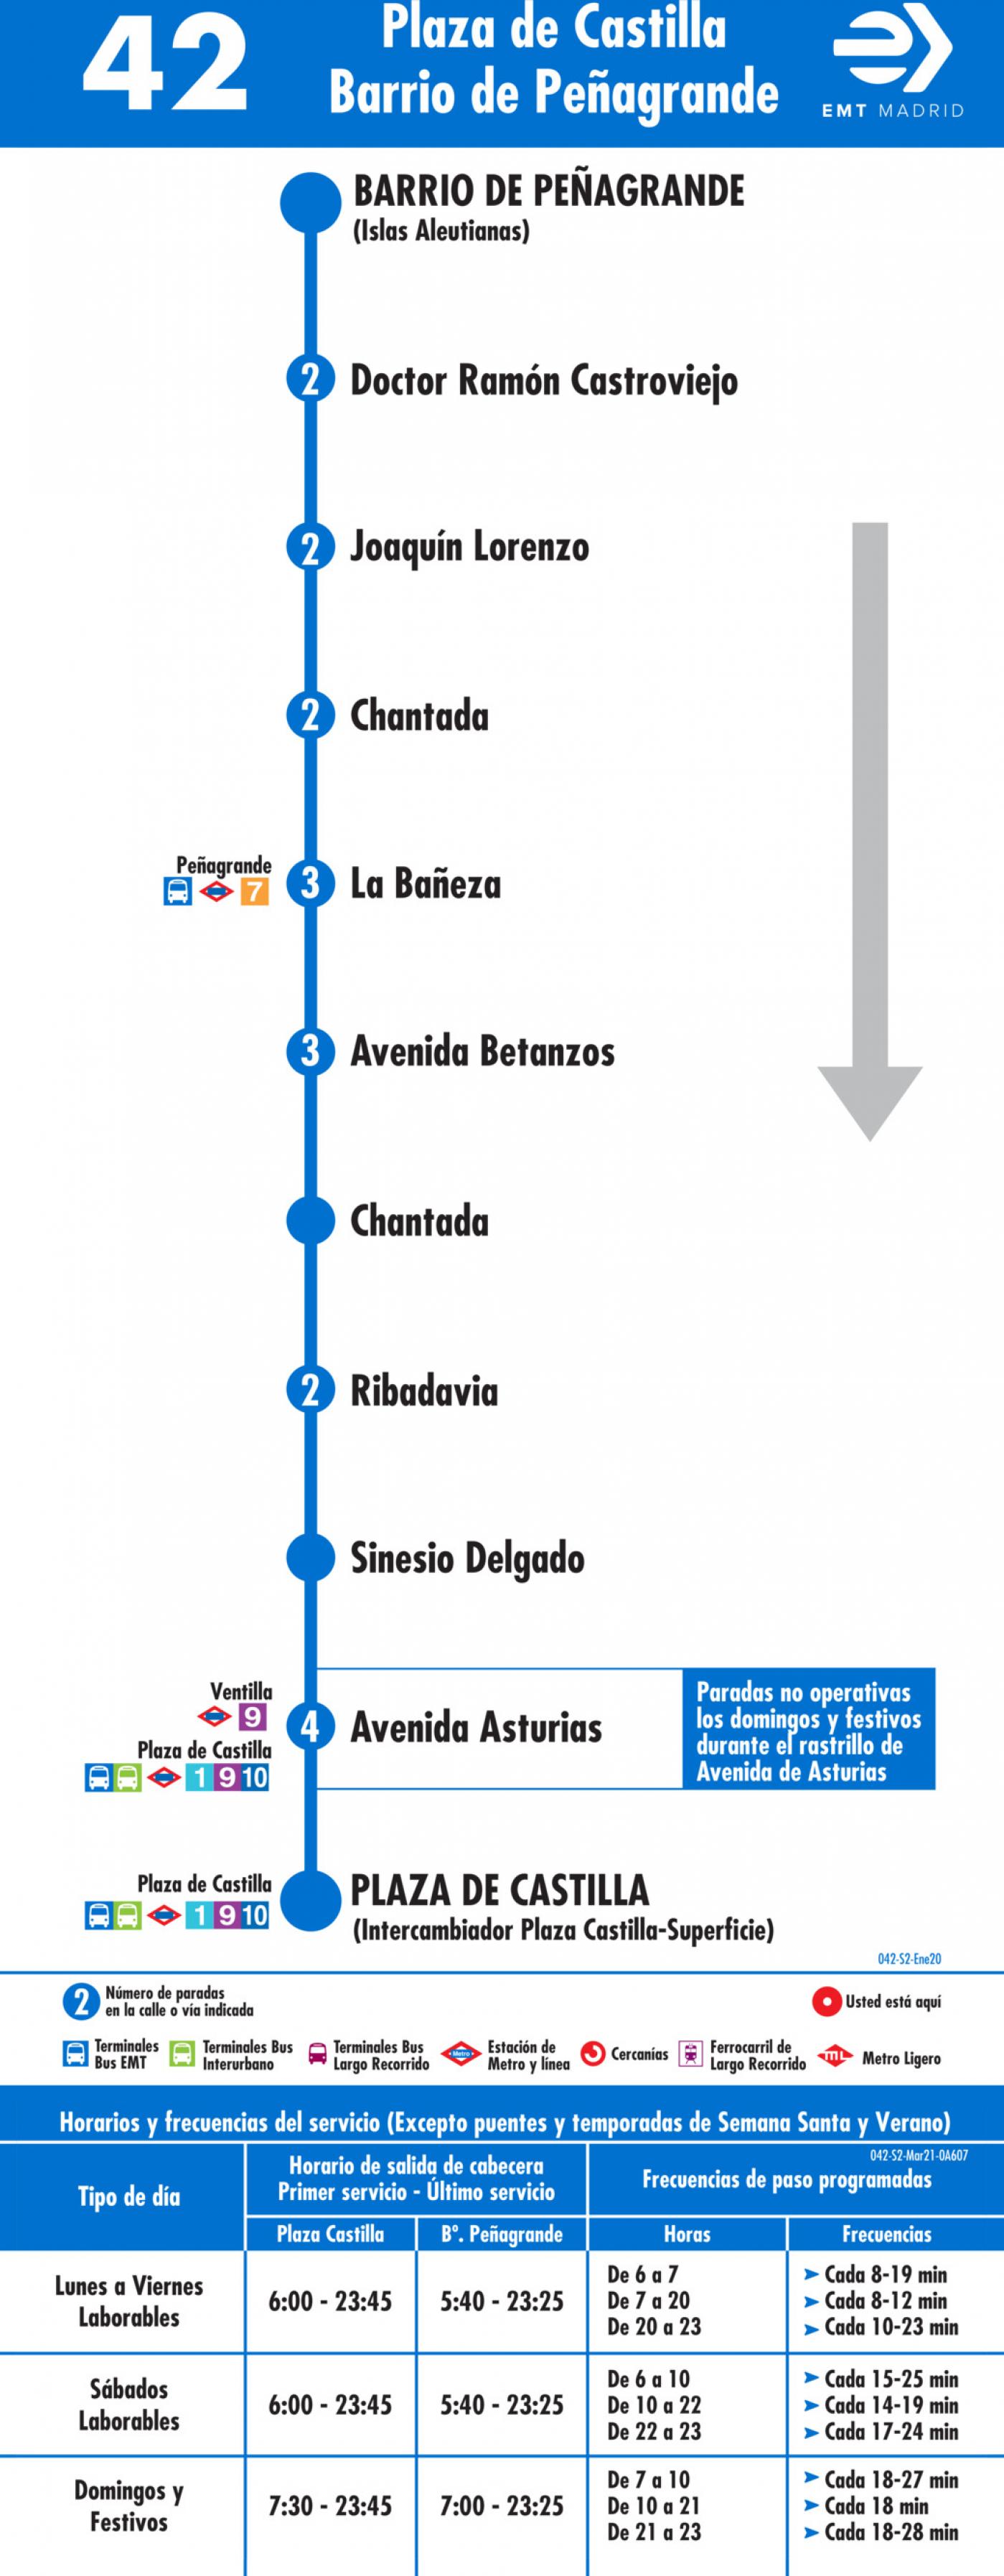 Tabla de horarios y frecuencias de paso en sentido vuelta Línea 42: Plaza de Castilla - Peña Grande